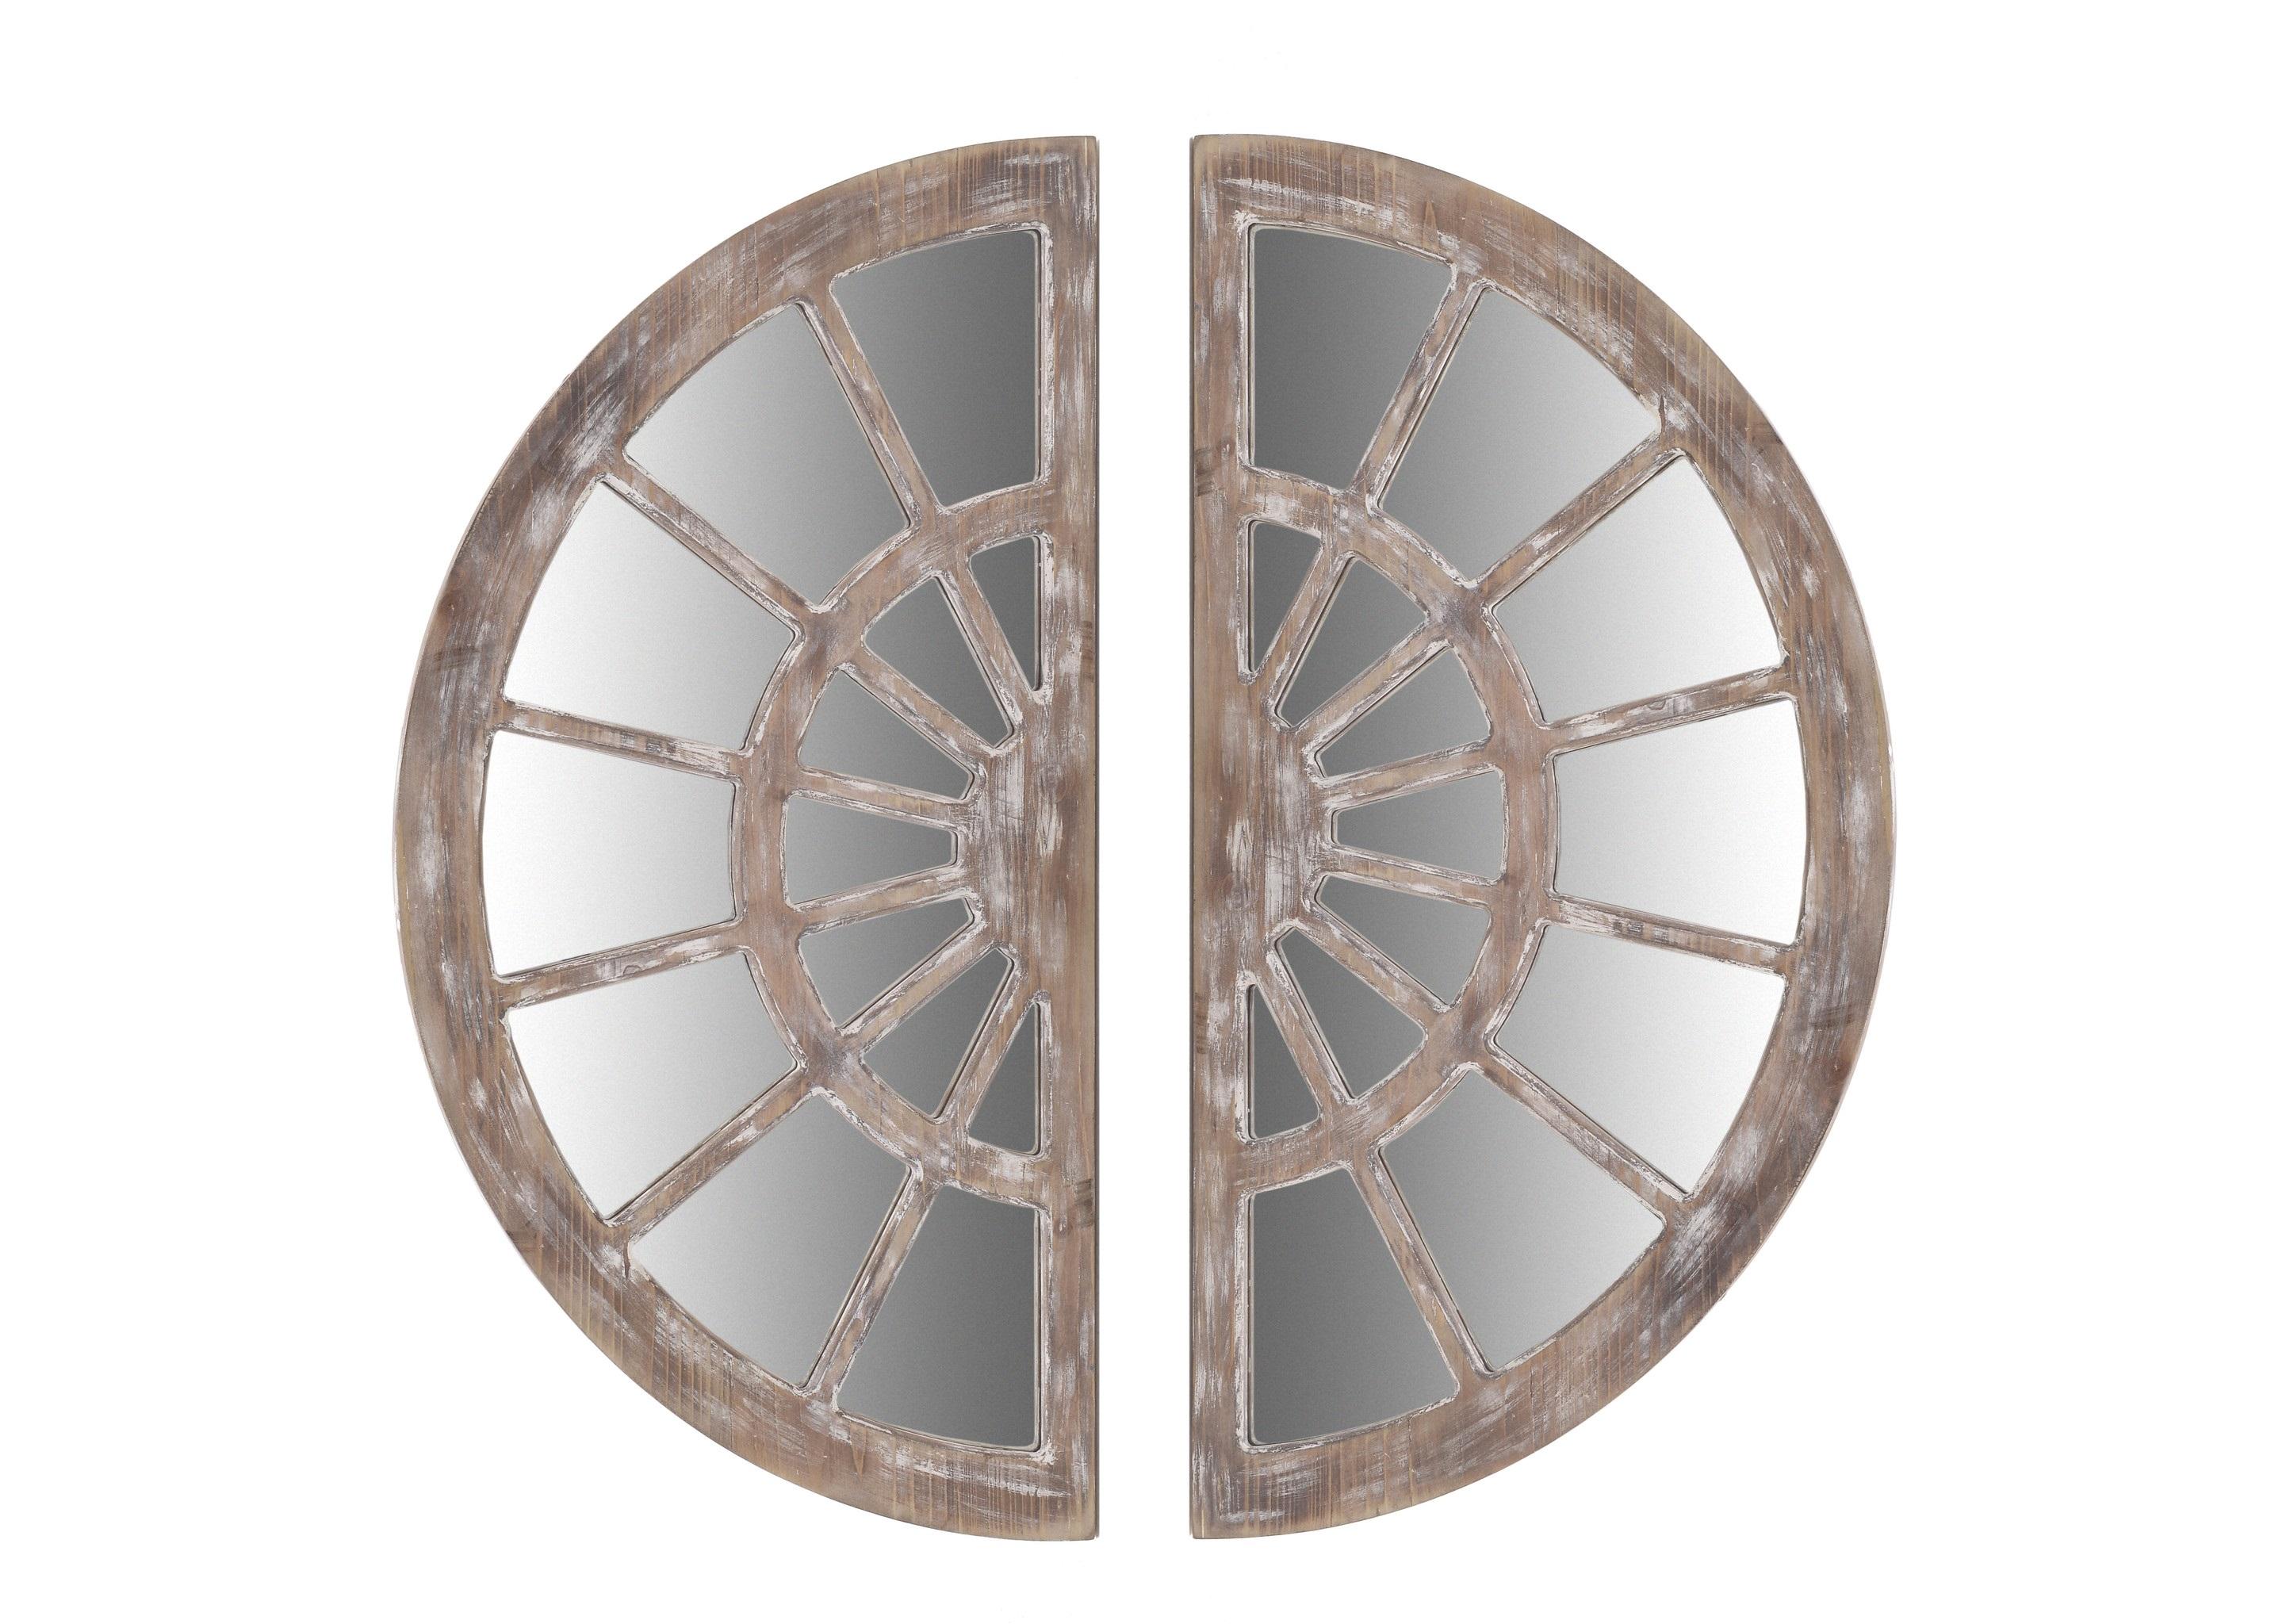 Зеркало настенное La Paz (2шт)Настенные зеркала<br>&amp;lt;div&amp;gt;Материал: дерево, стекло&amp;lt;br&amp;gt;&amp;lt;/div&amp;gt;<br><br>Material: Дерево<br>Width см: 80<br>Depth см: 2.5<br>Height см: 40